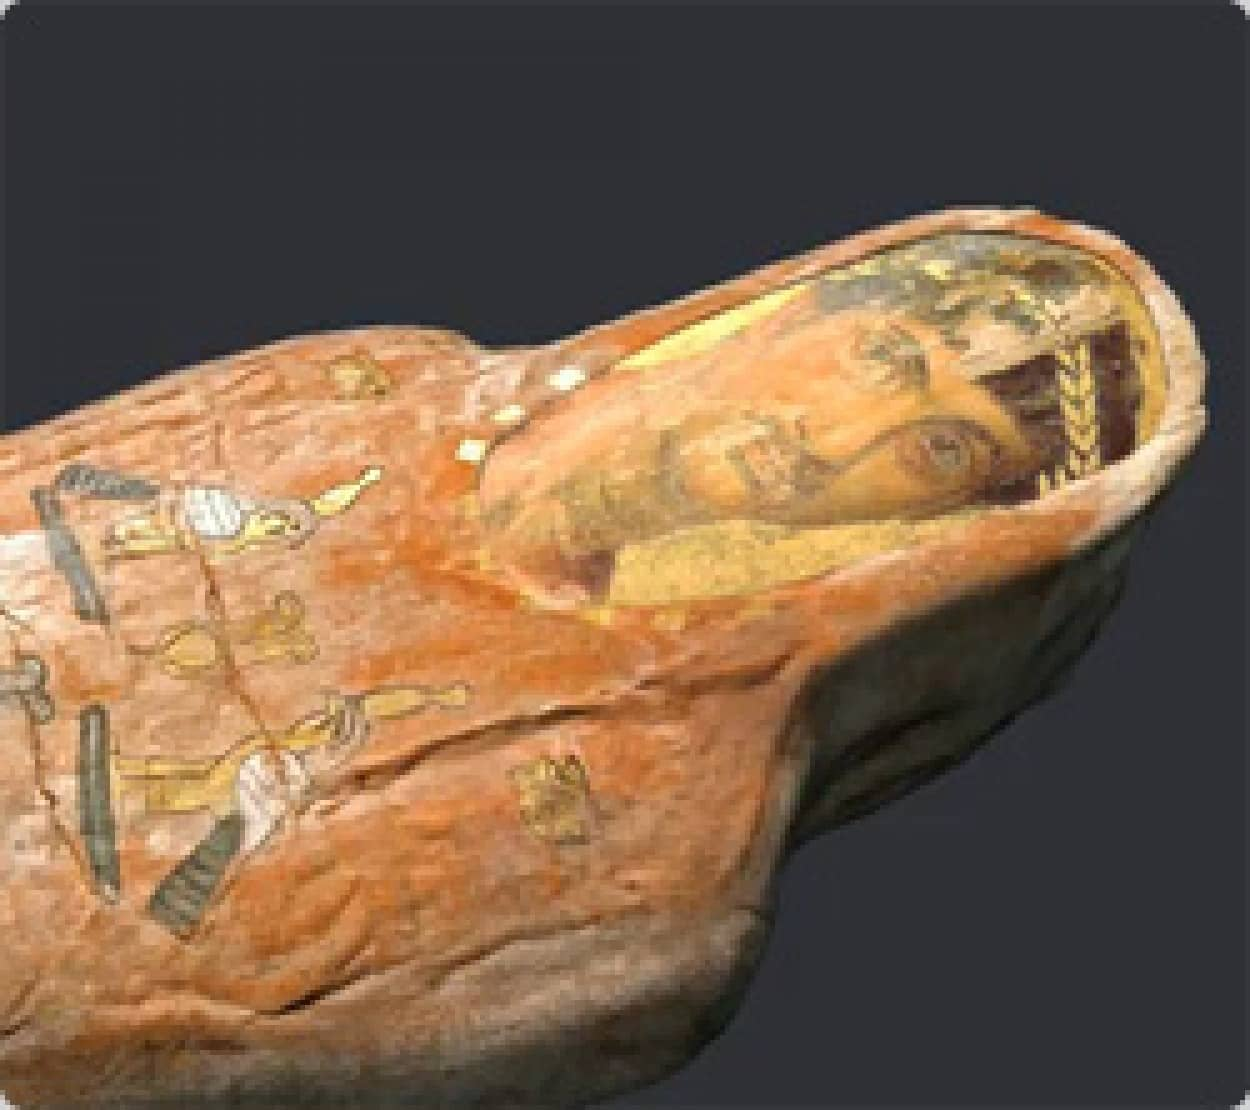 総数 ミイラ エジプト人は「古代」と「現代」とでルーツが違う!数千年前のミイラをDNA解析して判明!|健康・医療情報でQOLを高める~ヘルスプレス/HEALTH PRESS